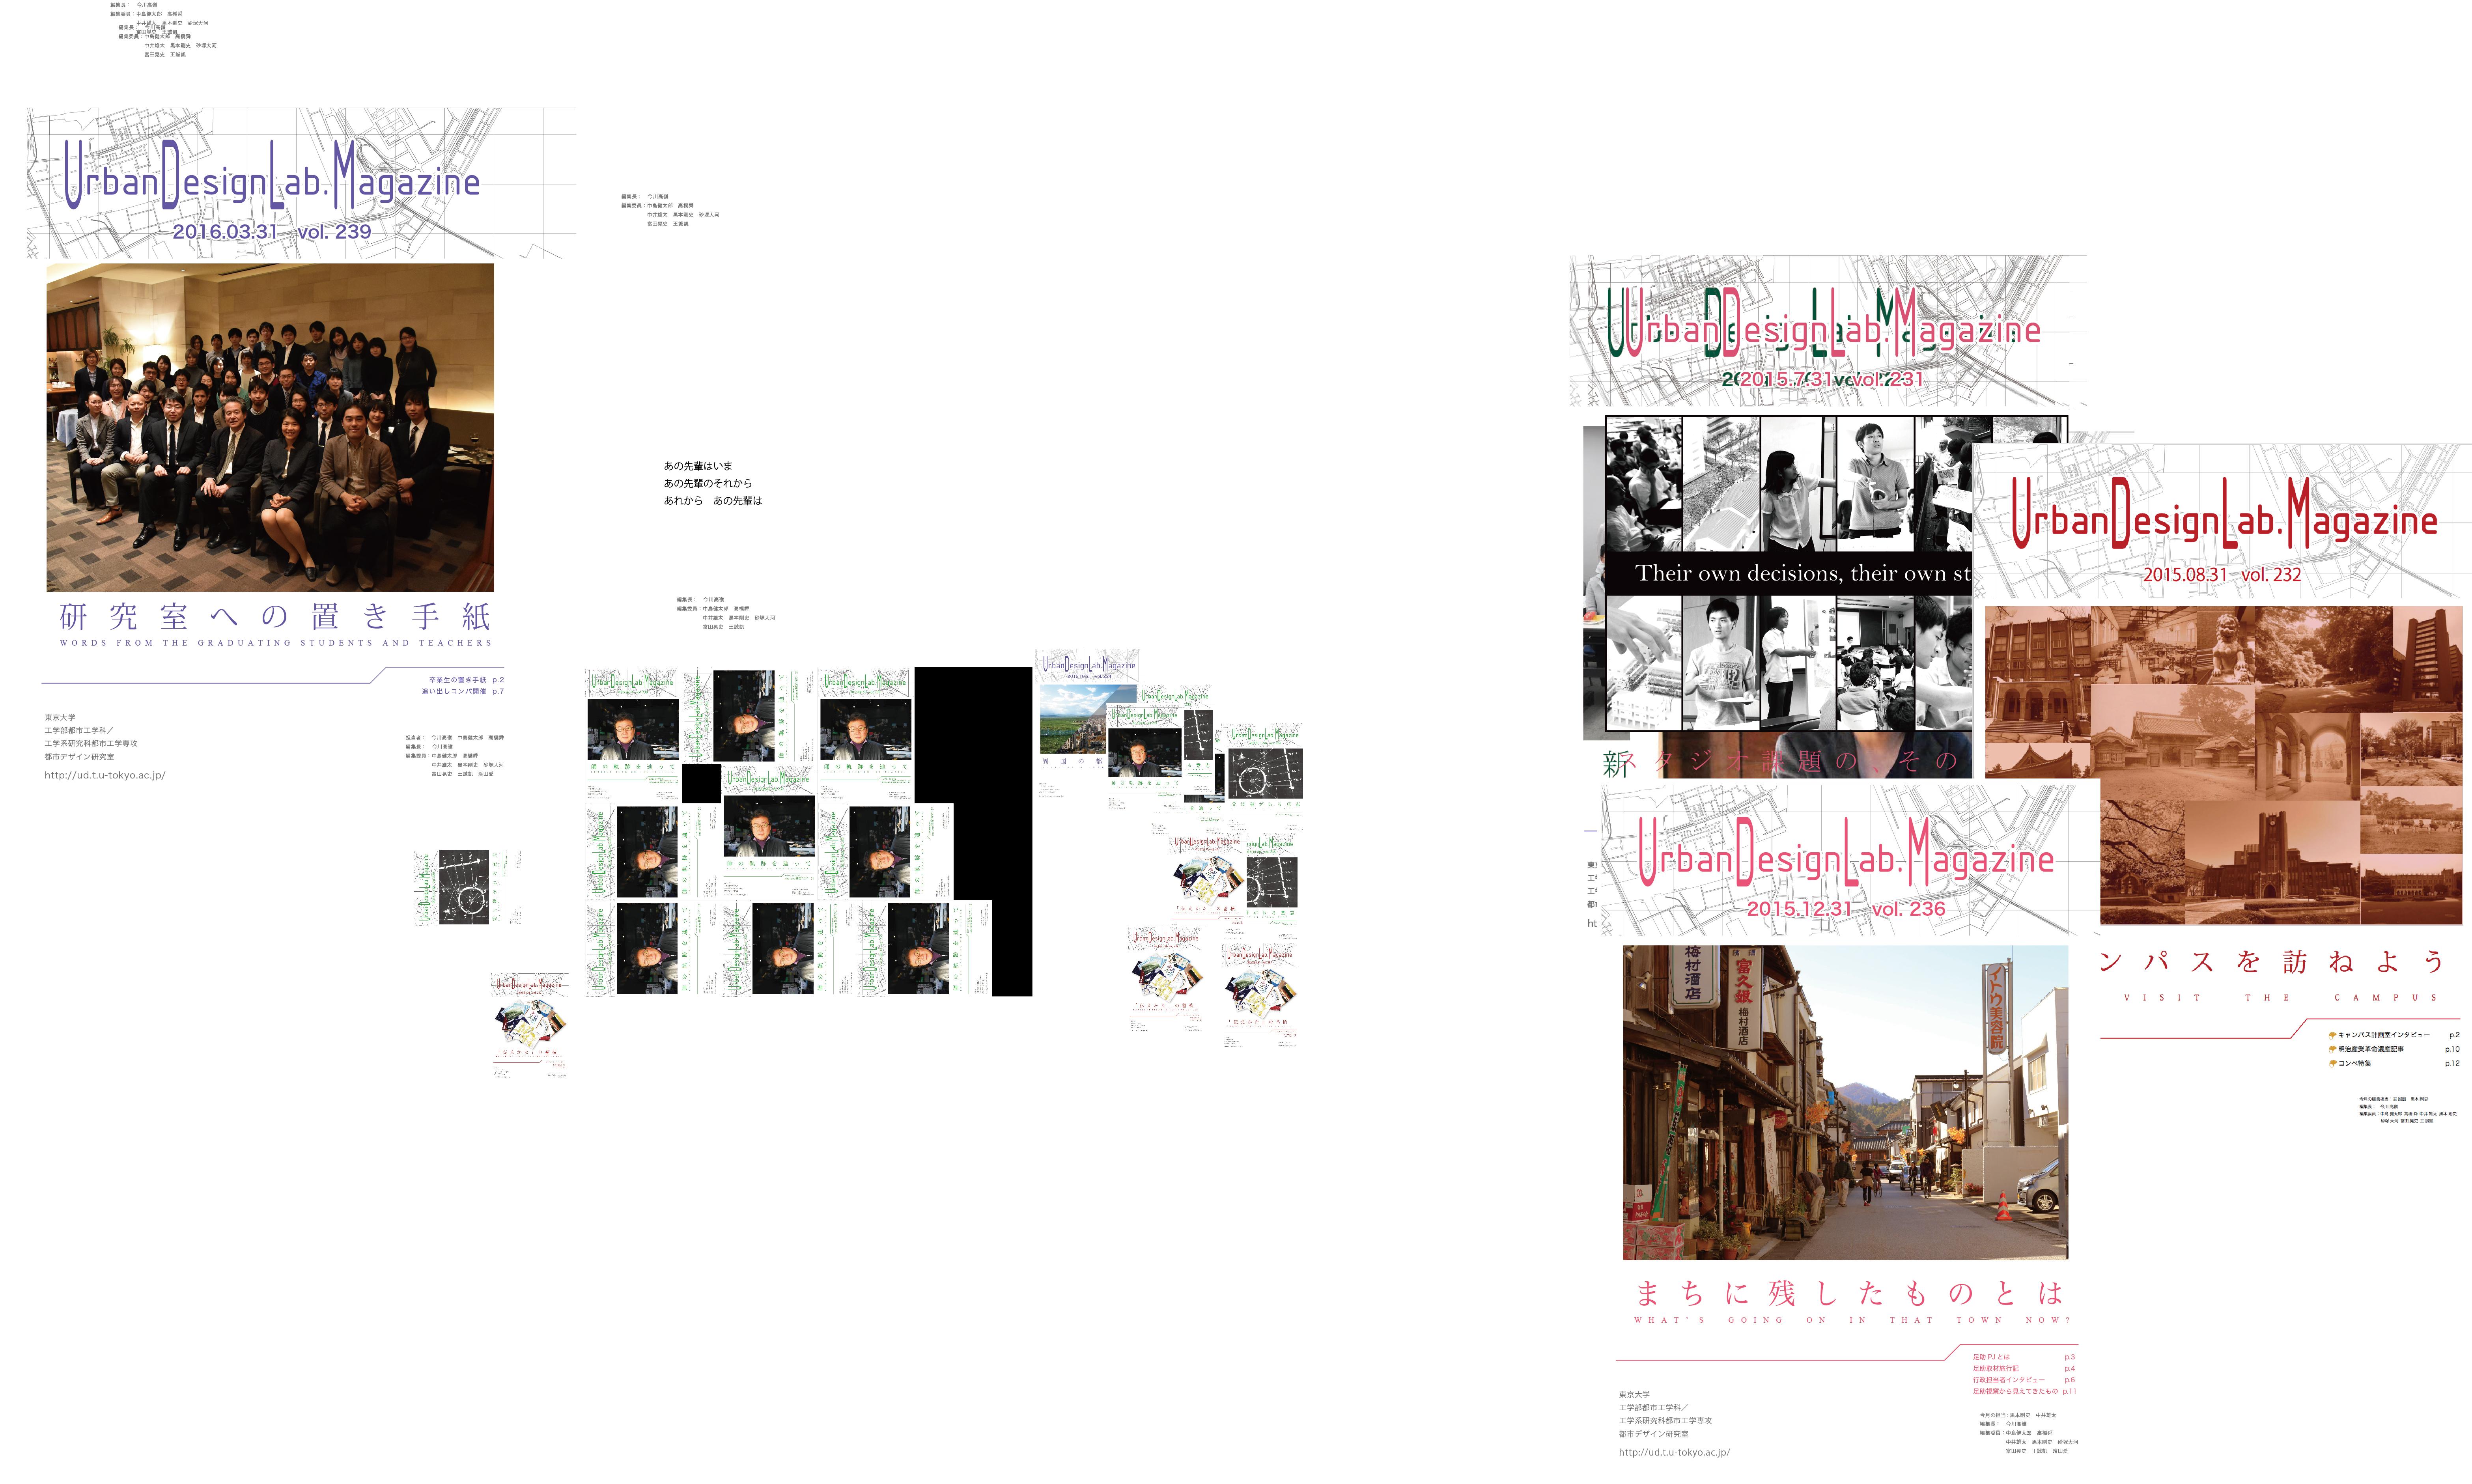 http://ud.t.u-tokyo.ac.jp/blog/_images/labmaga239_hyousi.jpg